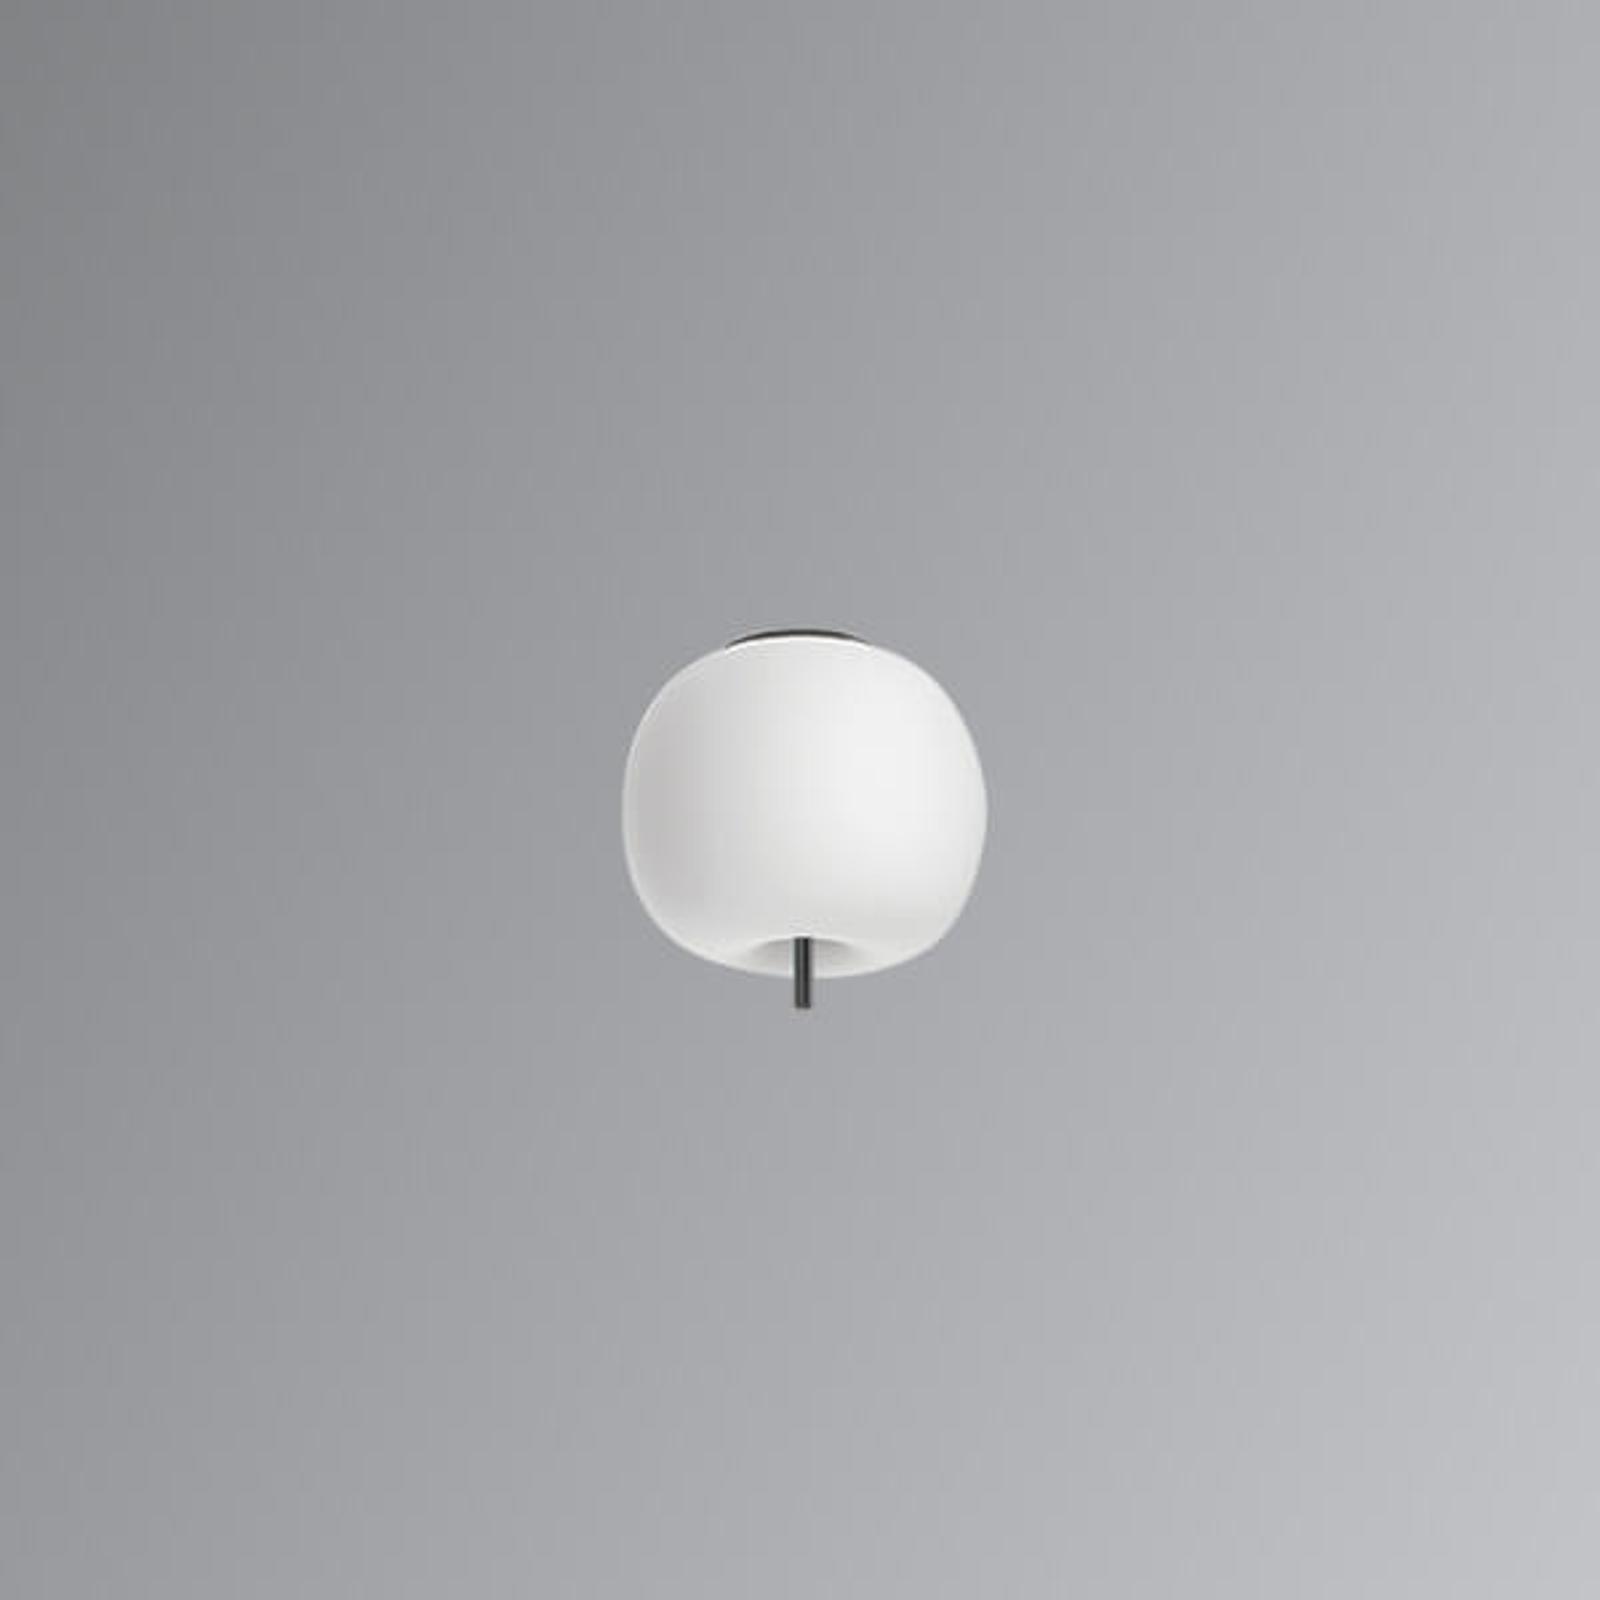 Kundalini Kushi - LED-taklampe svart 16 cm